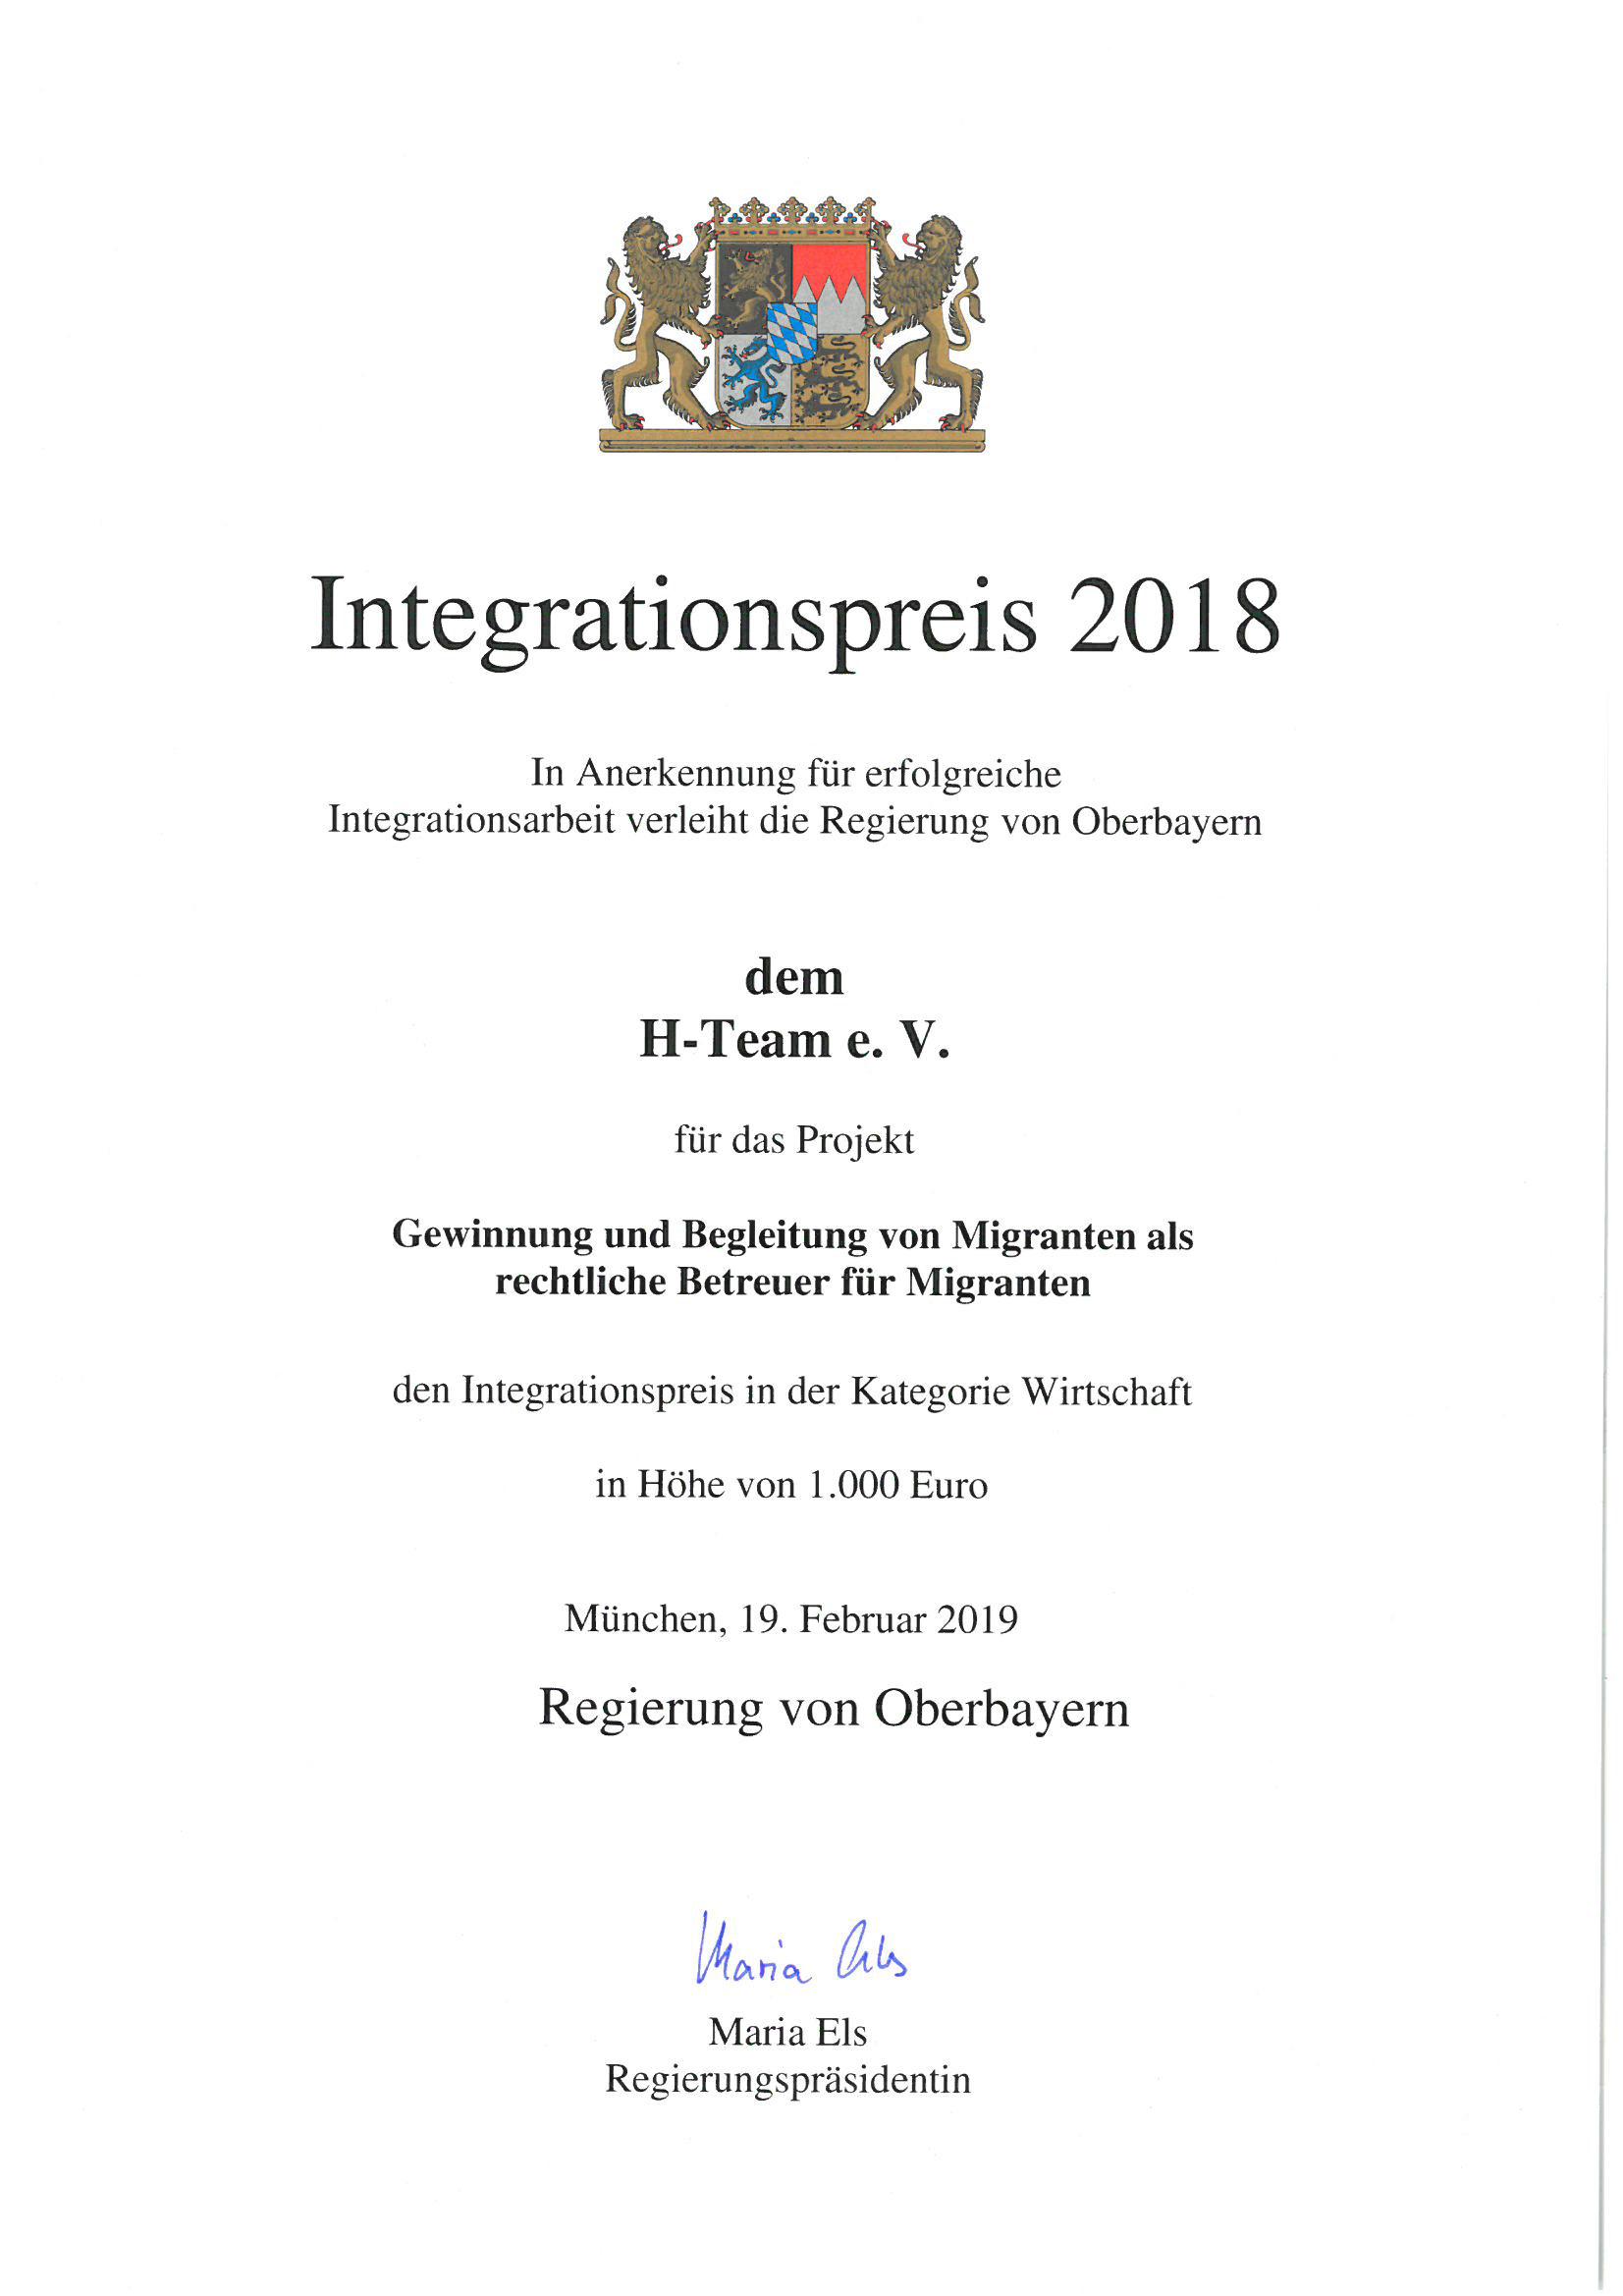 Regierung von Oberbayern vergibt einen von sechs Integrationspreisen an den H-TEAM e.V. München